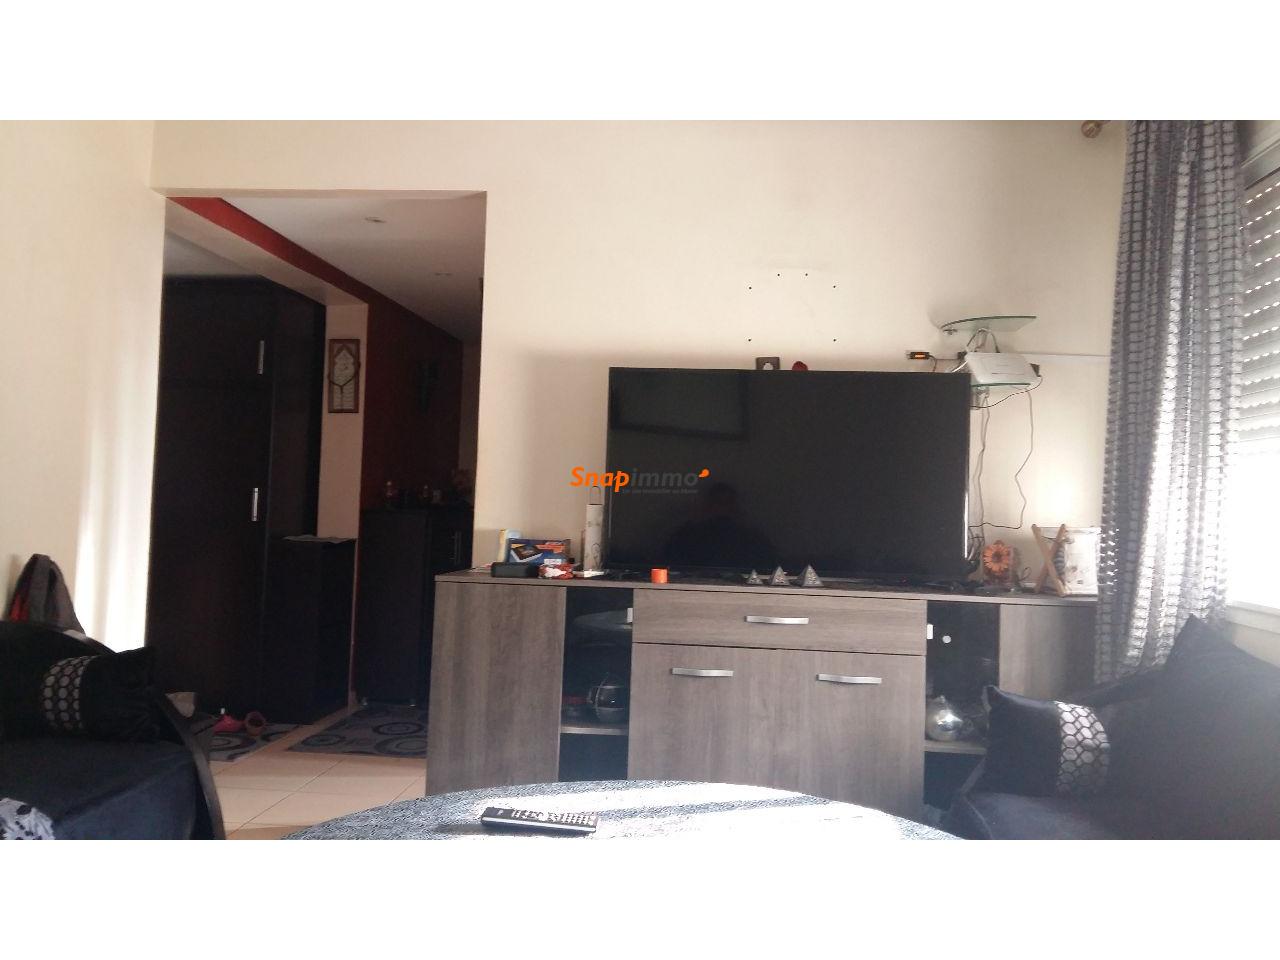 Aprt a vendre residence ennasr bd med 6 - 2/6